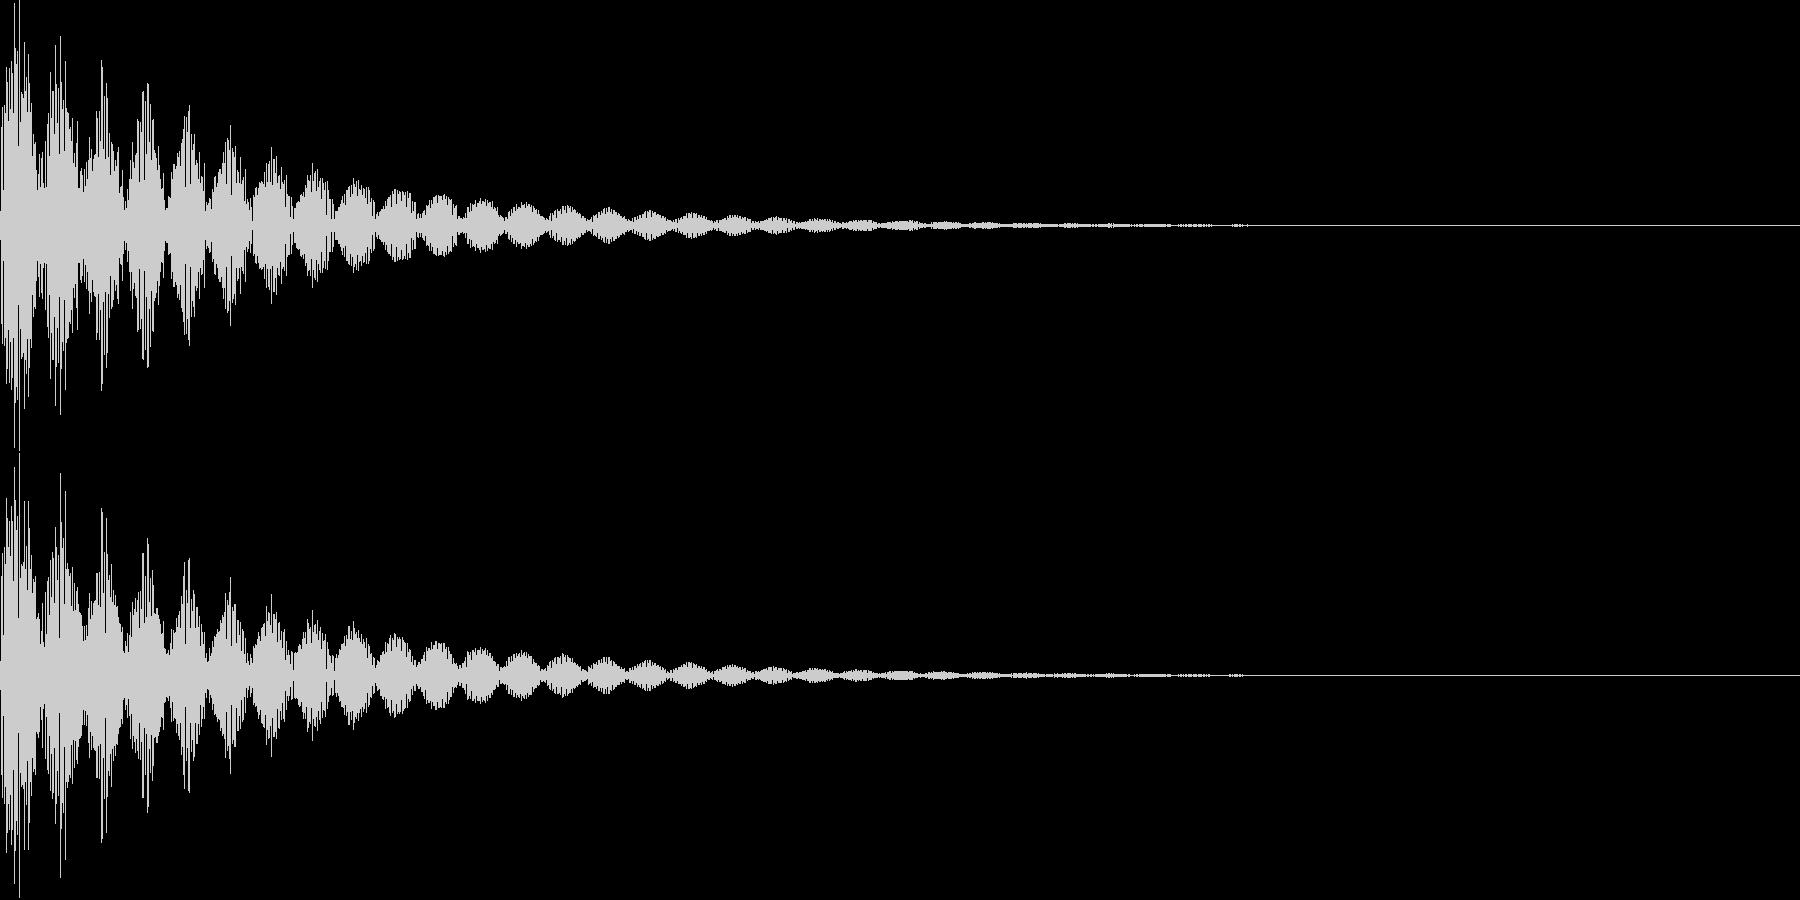 ベーン(キャンセル、失敗、インパクト)の未再生の波形